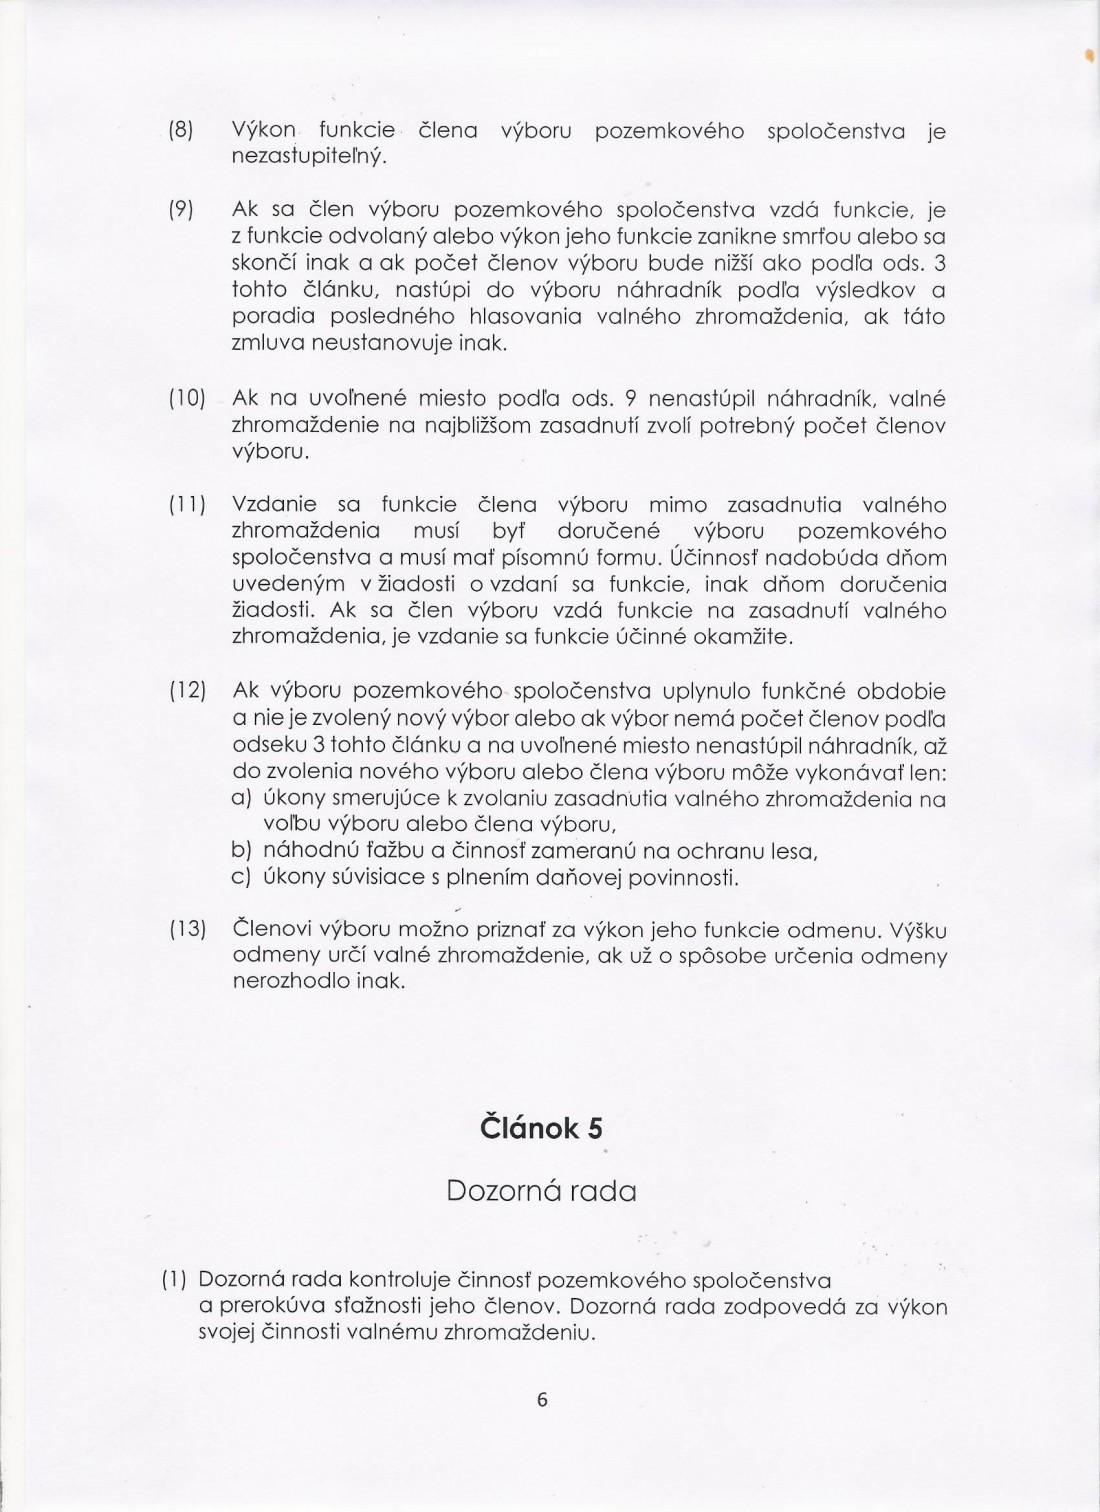 Zmluva o PS zo dňa 4.5.2019 - strana č. 6